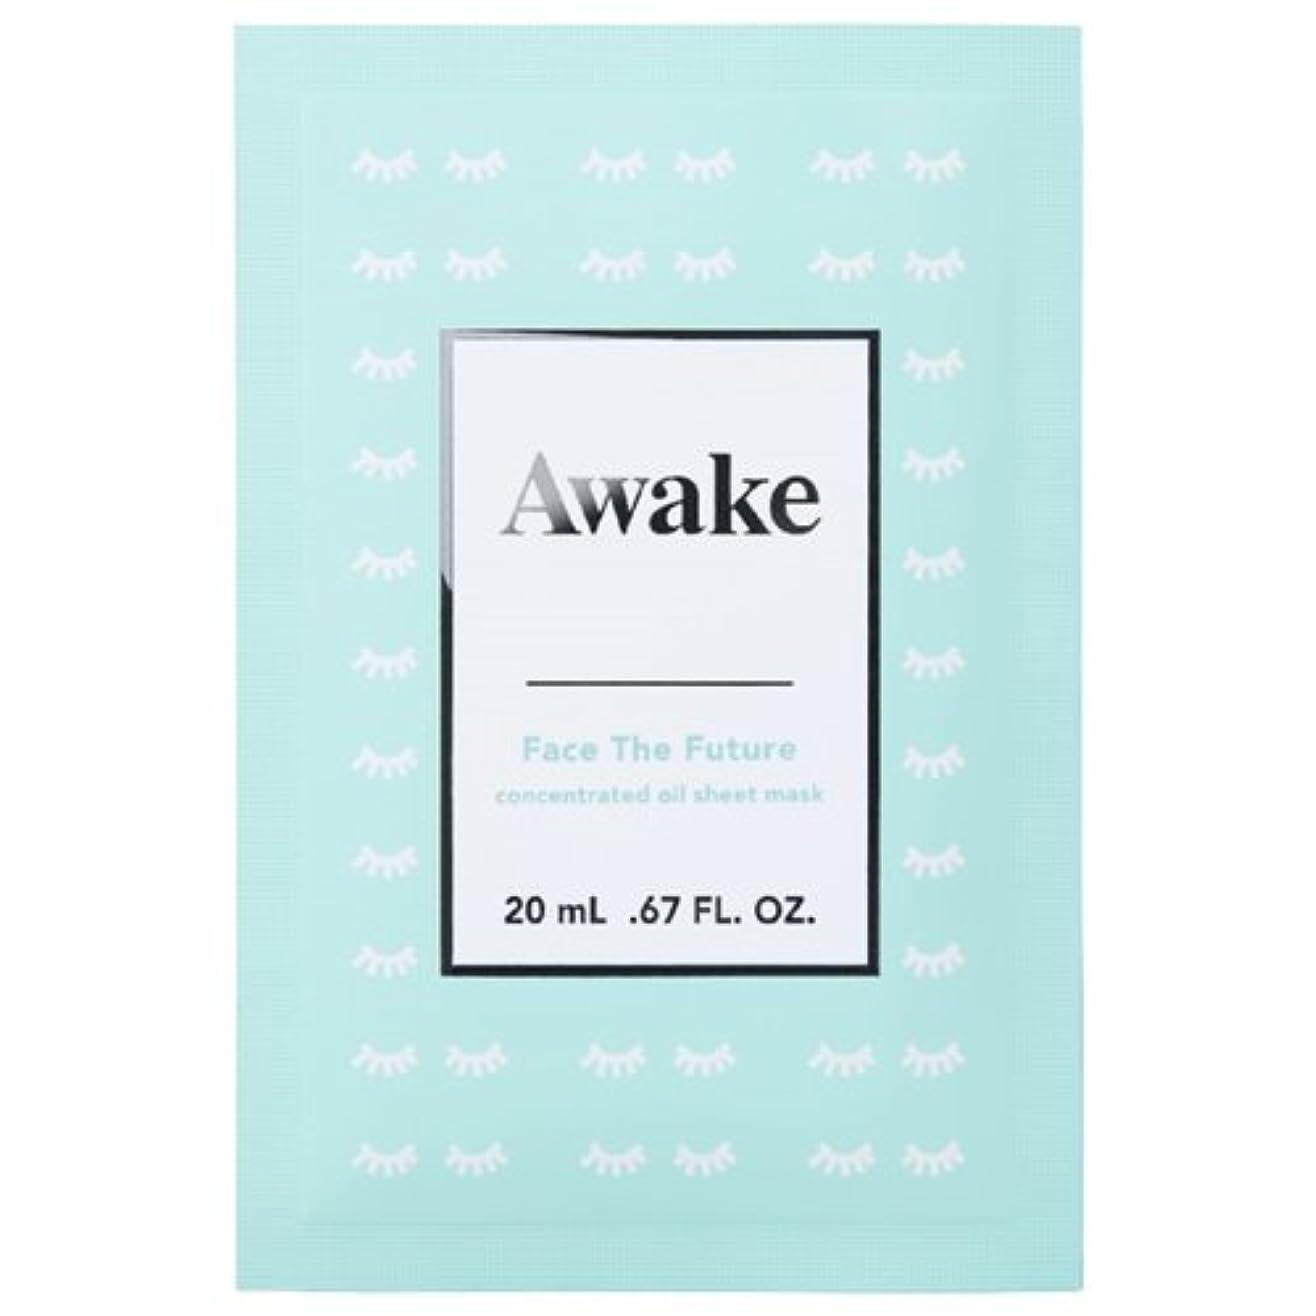 パーフェルビッド謝罪邪魔するアウェイク(AWAKE) Awake(アウェイク) フェイスザフューチャー コンセントレイティッド オイルシートマスク (20mL × 6枚入)